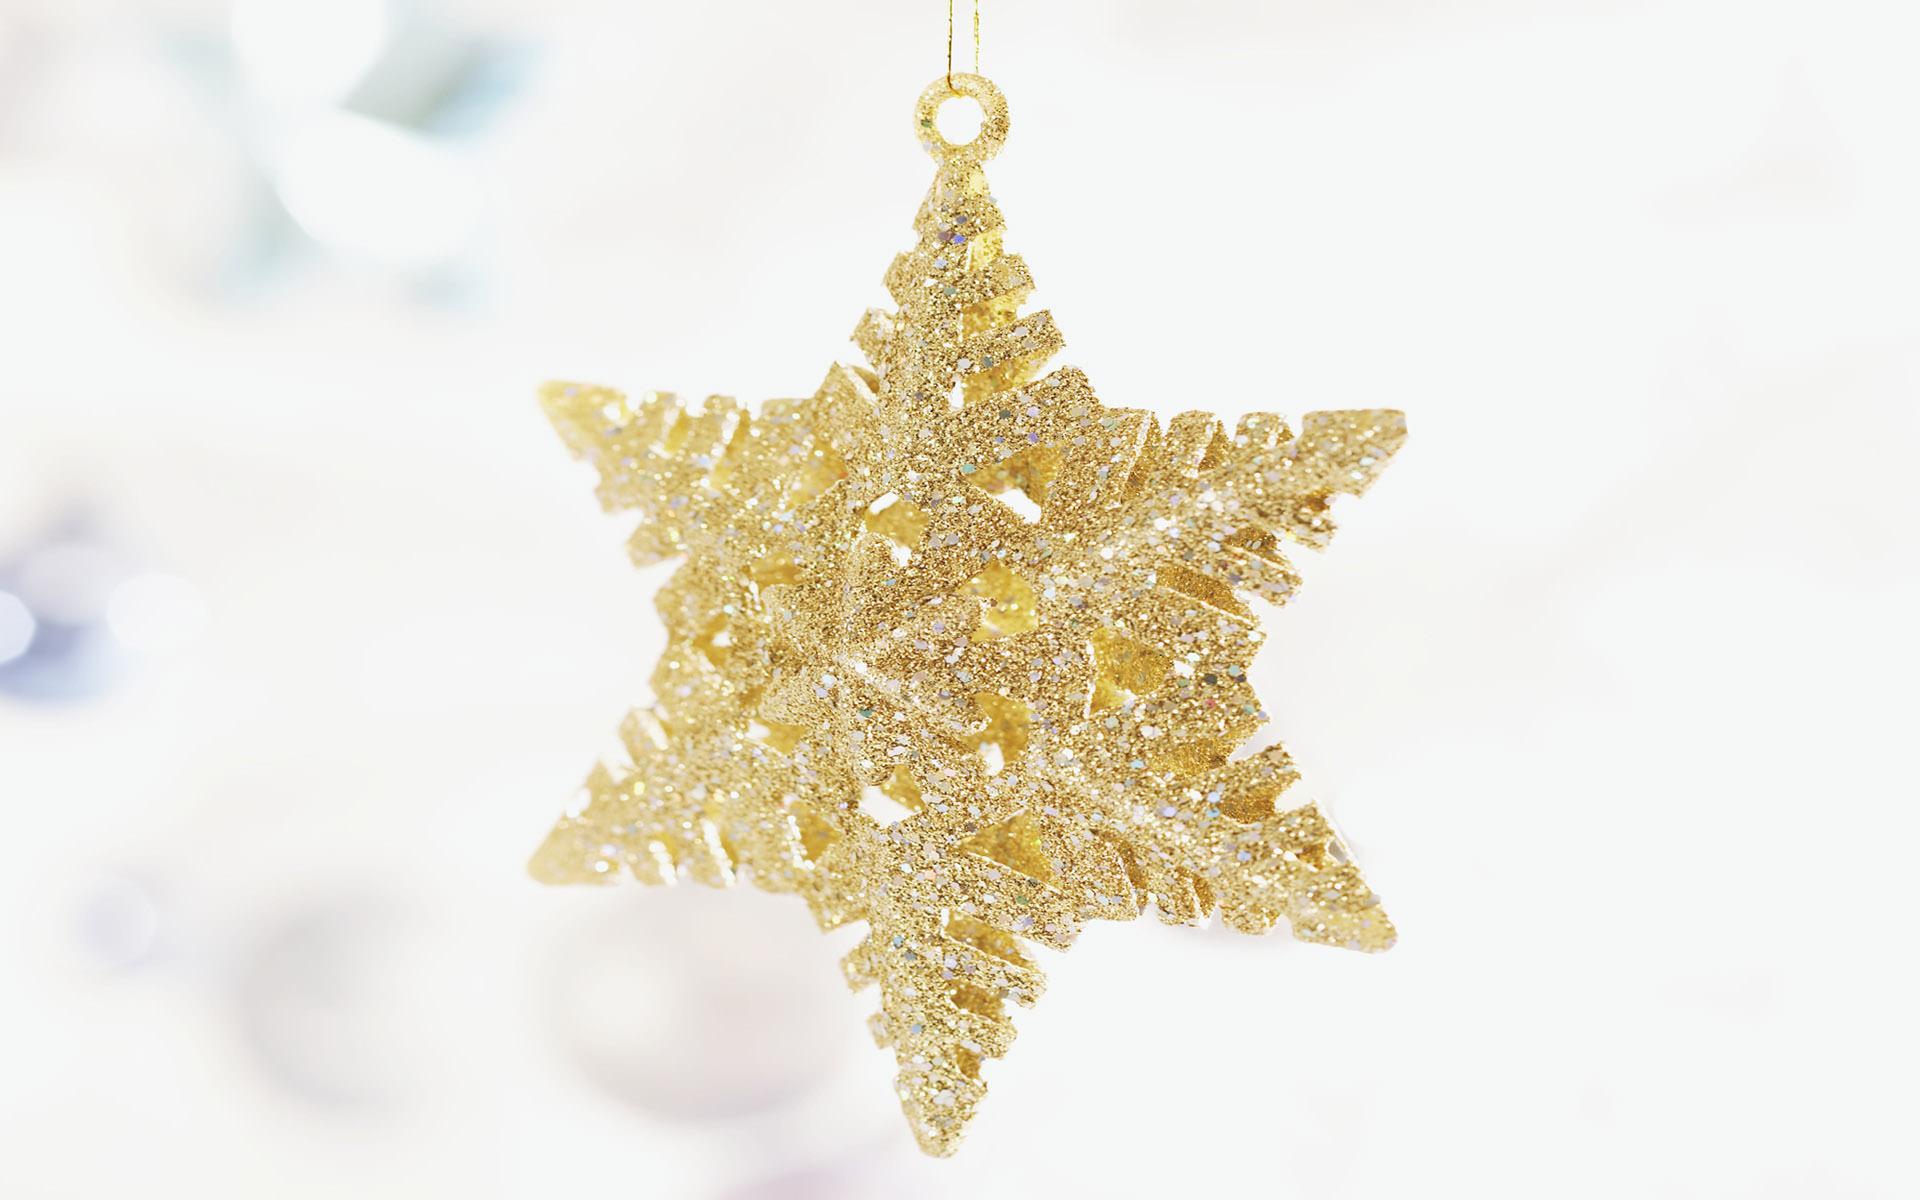 золотые звезды  № 3671263 без смс